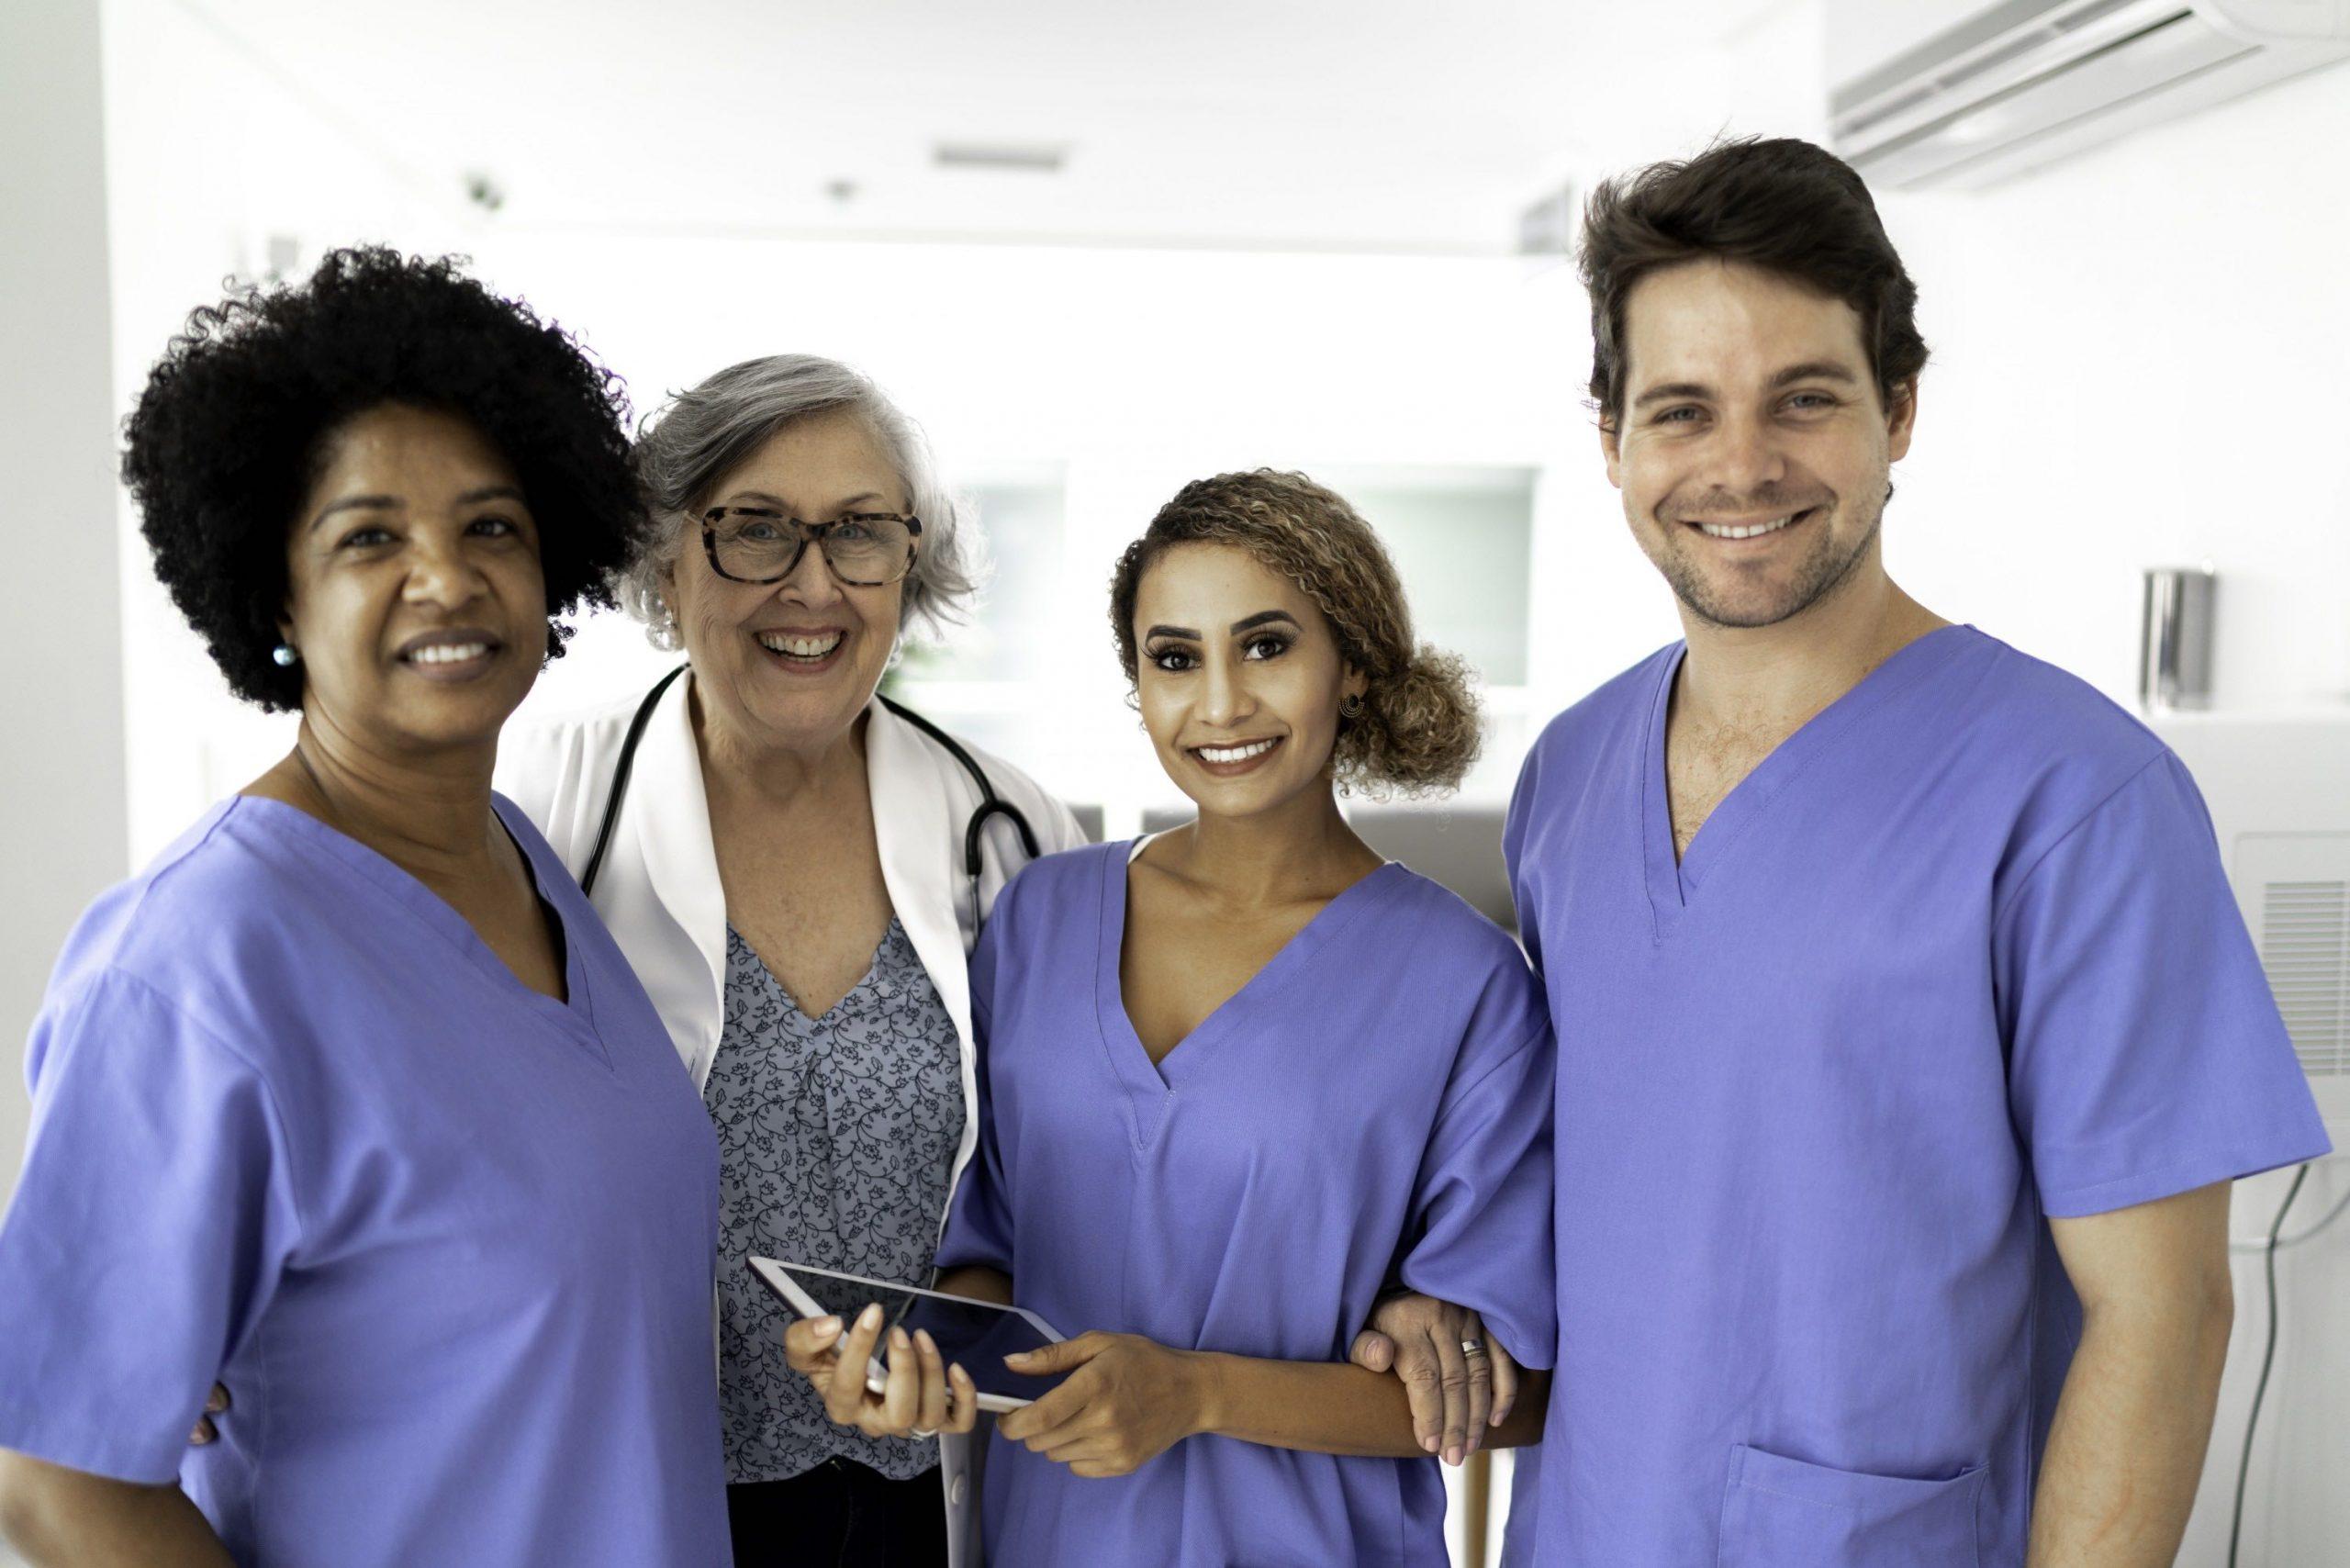 interdisciplinaridade em cursos da área de saúde